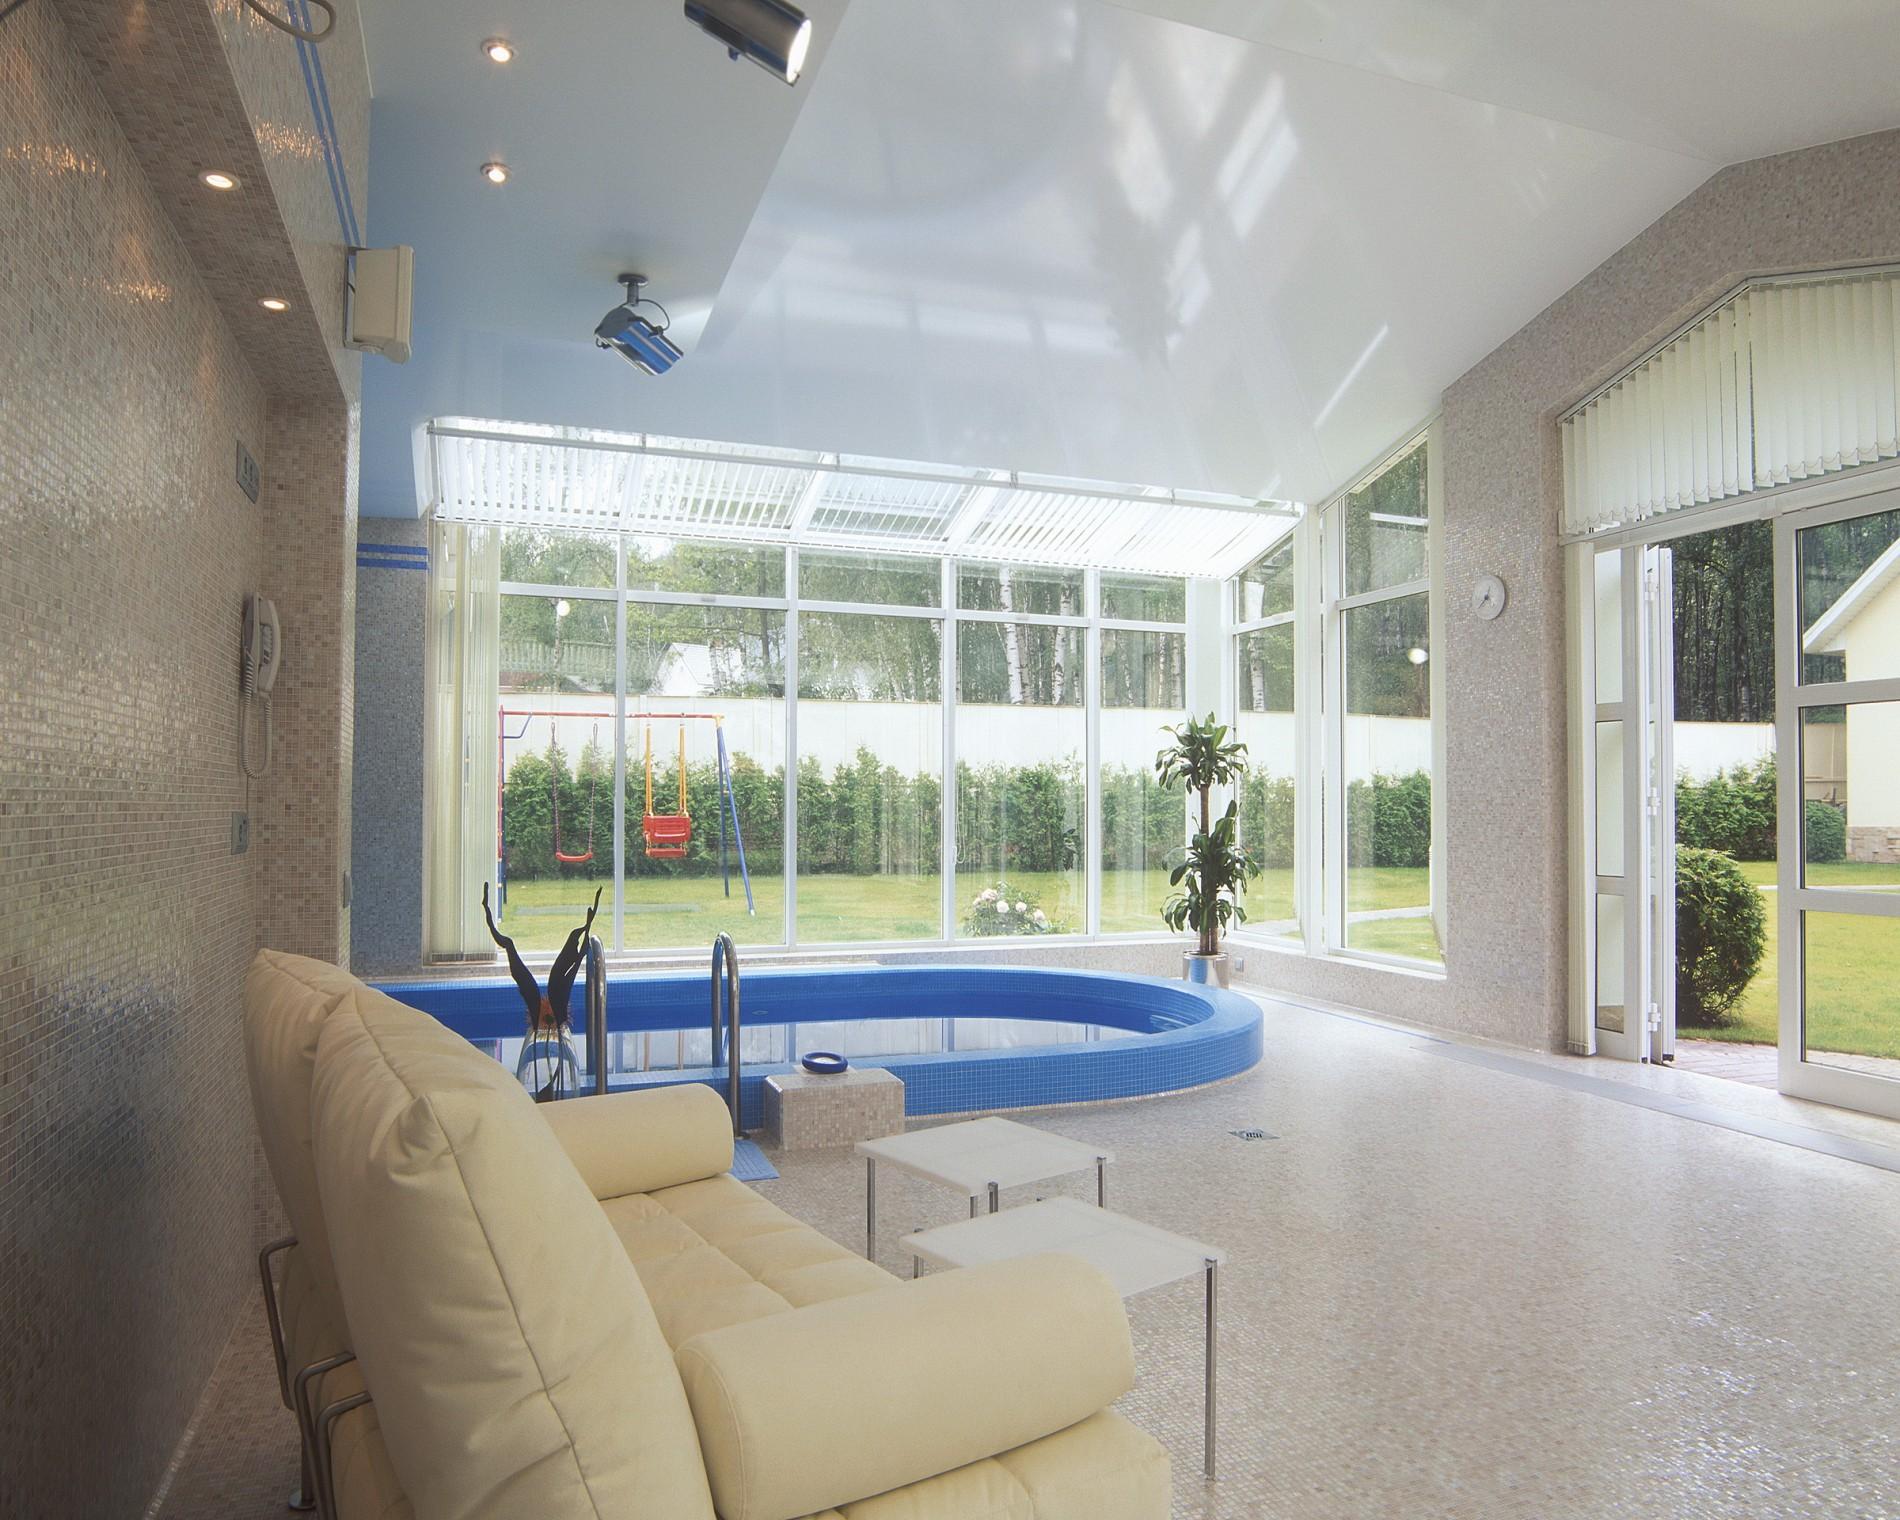 Бассейн с панорамным остеклением. Загородный дом